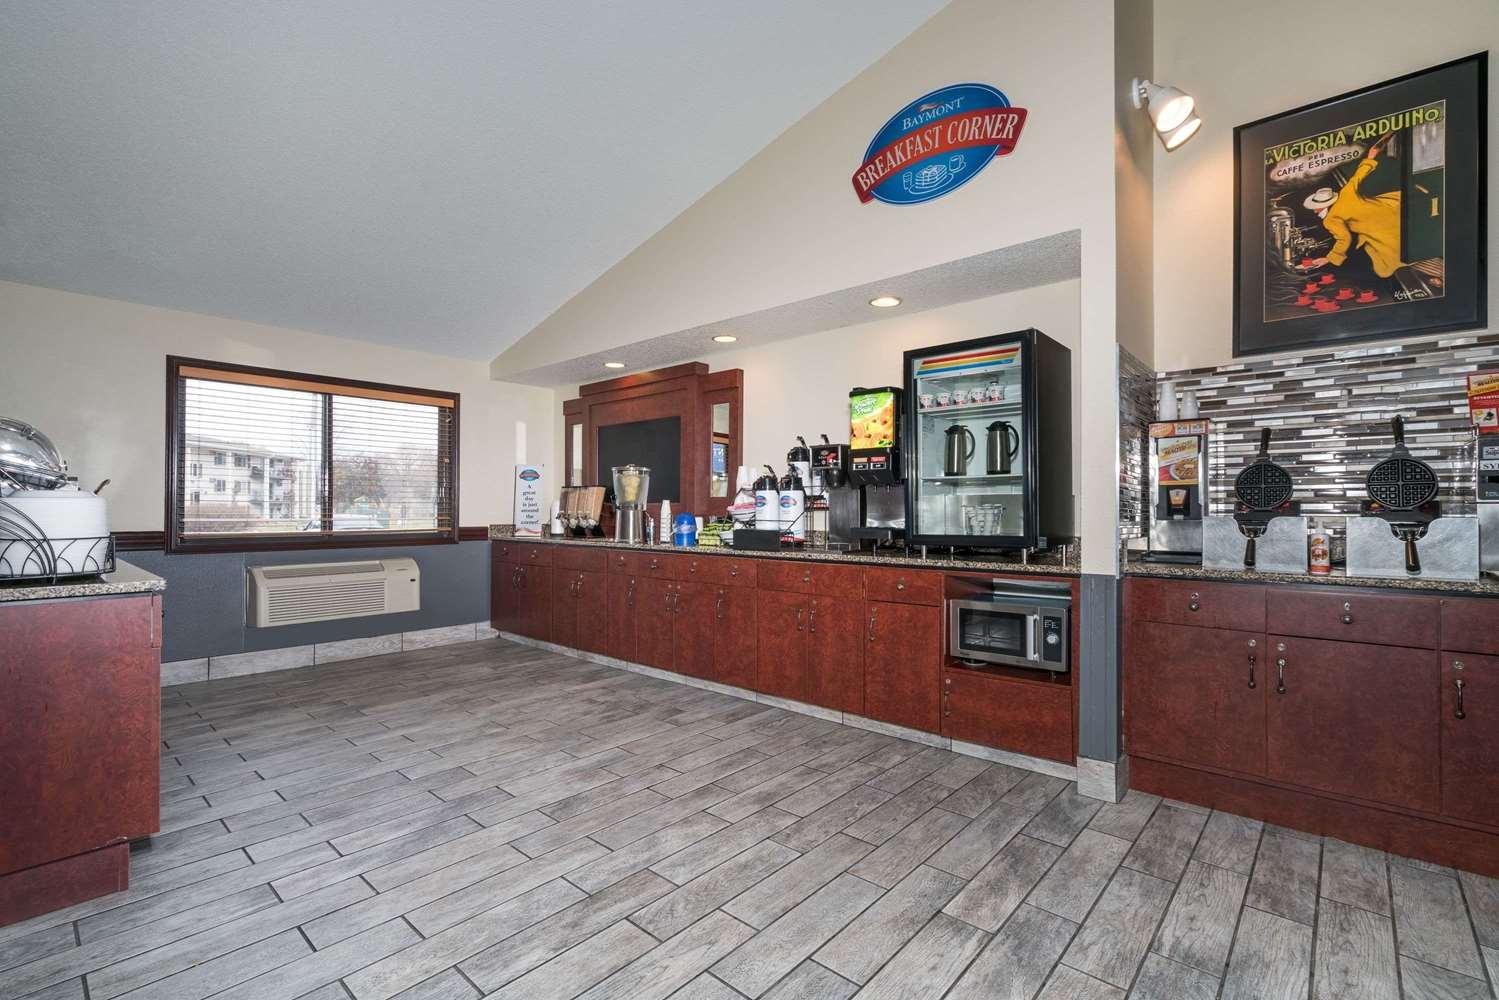 proam - Baymont Inn & Suites Richfield